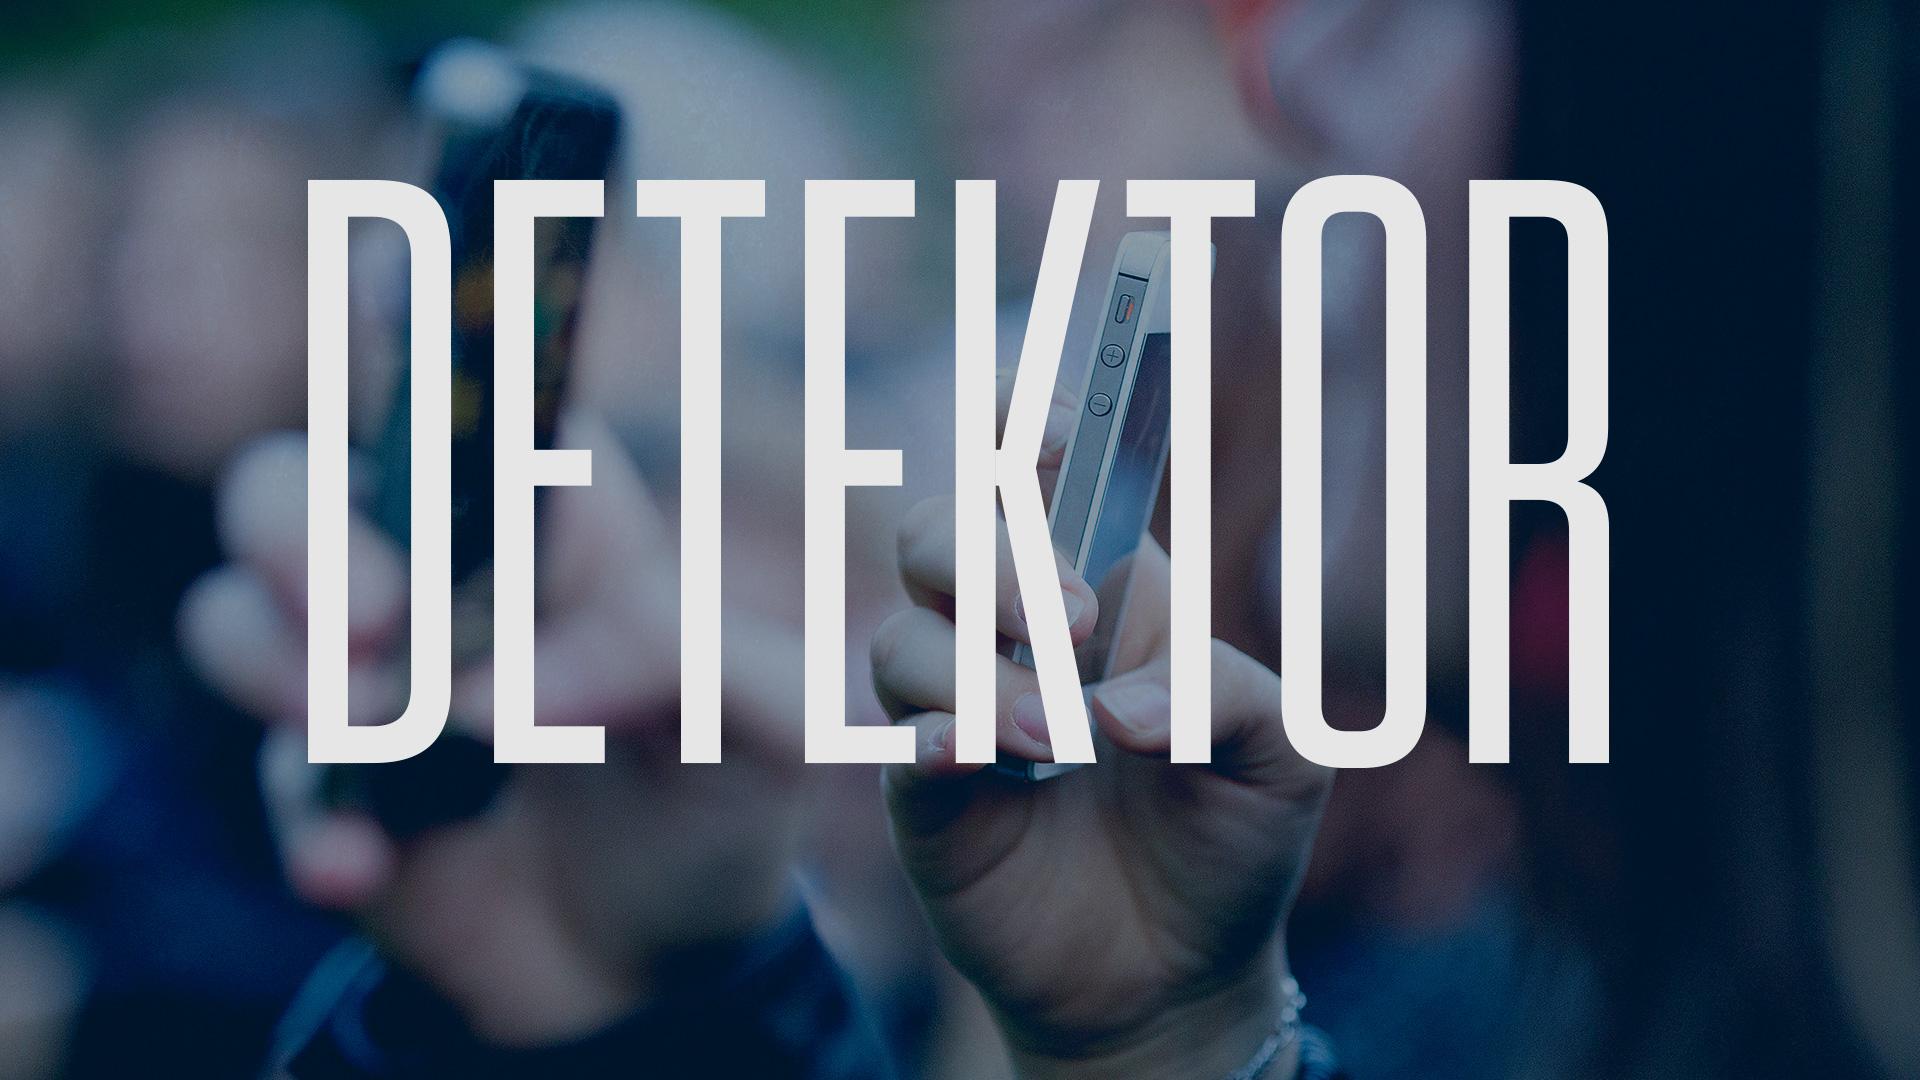 DetektorEHS.jpg